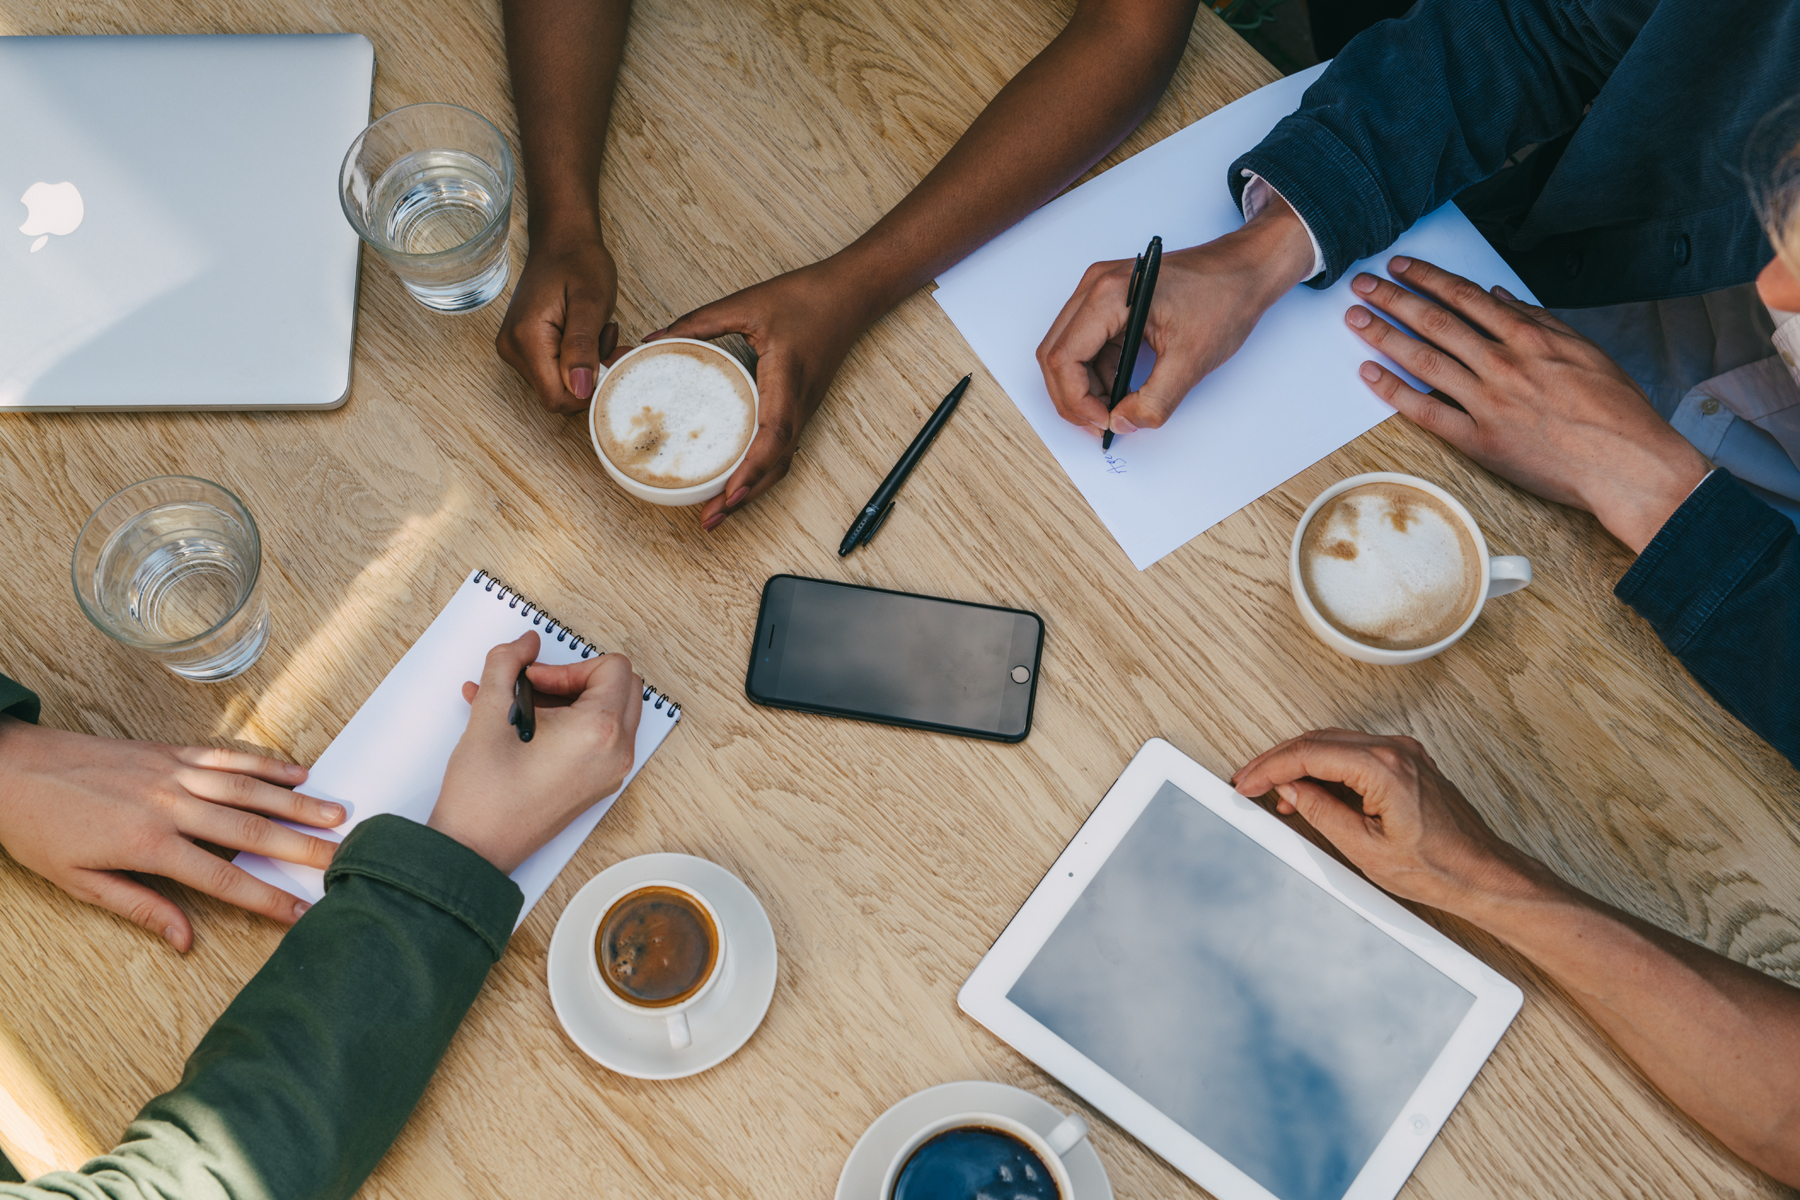 möte och planering på konferens